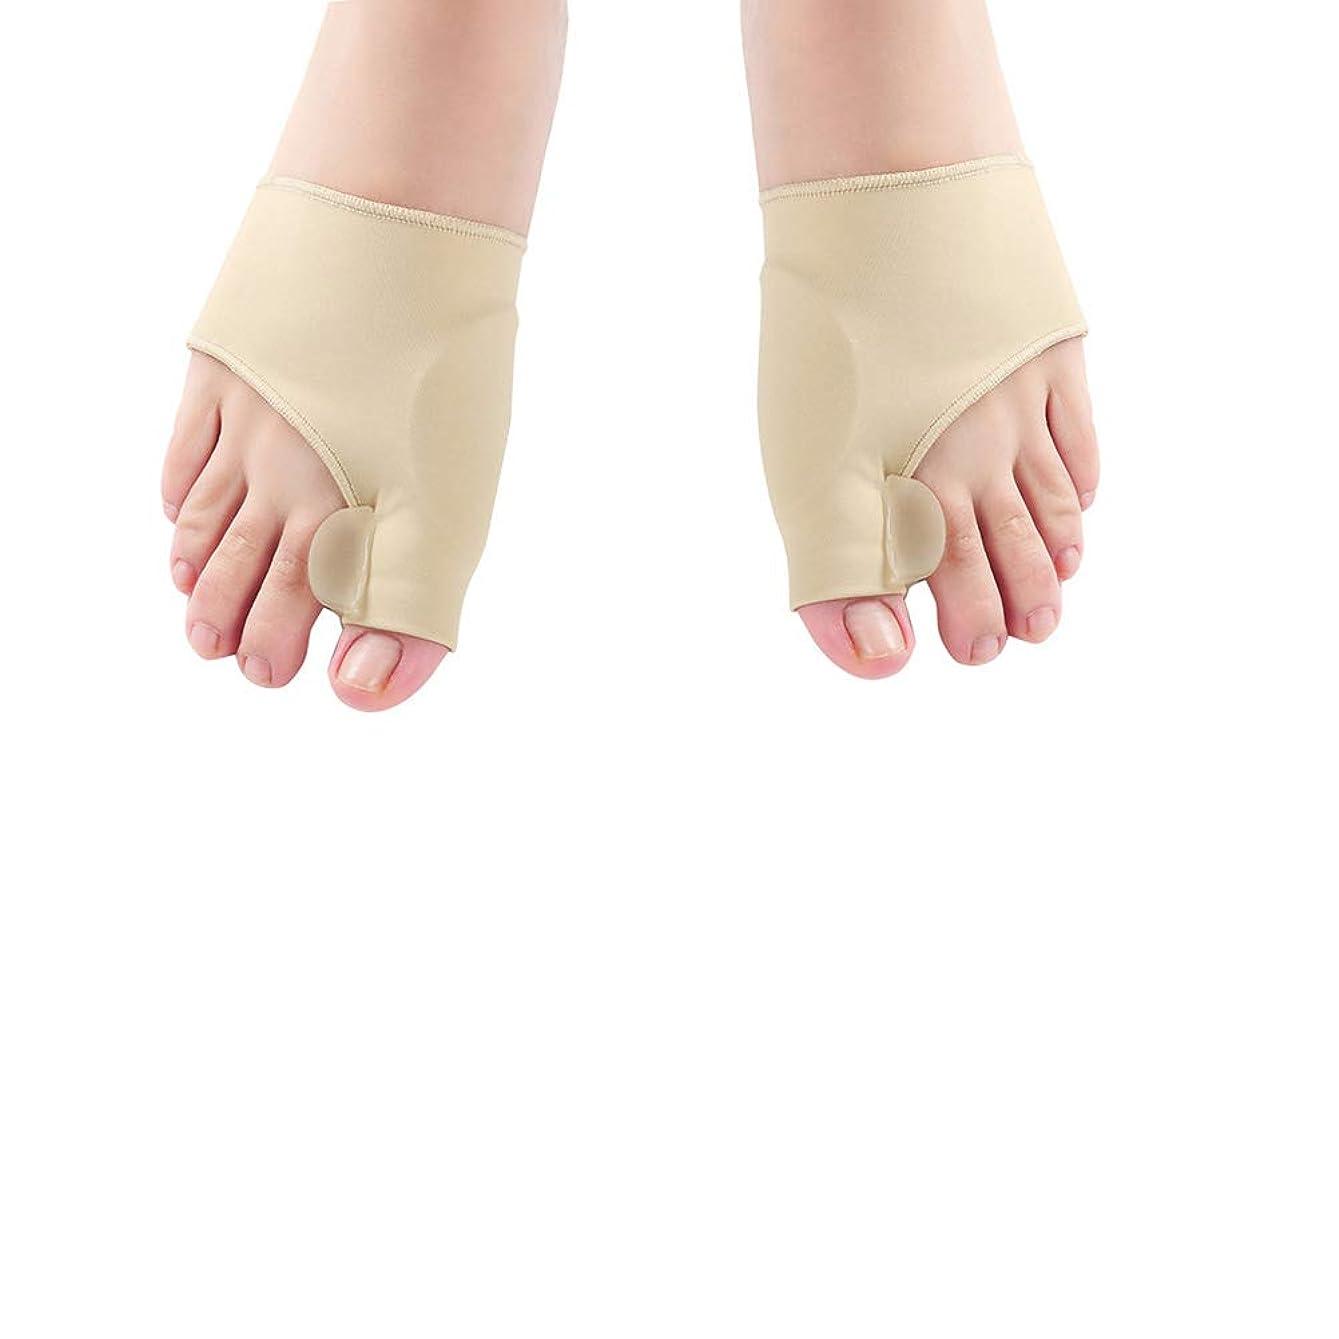 流暢ボタン入るHealifty un補正器つま先矯正外反母趾矯正器親指整形外科用腱板副木親指分離器鎮痛剤昼夜使用 - サイズs(カーキ)